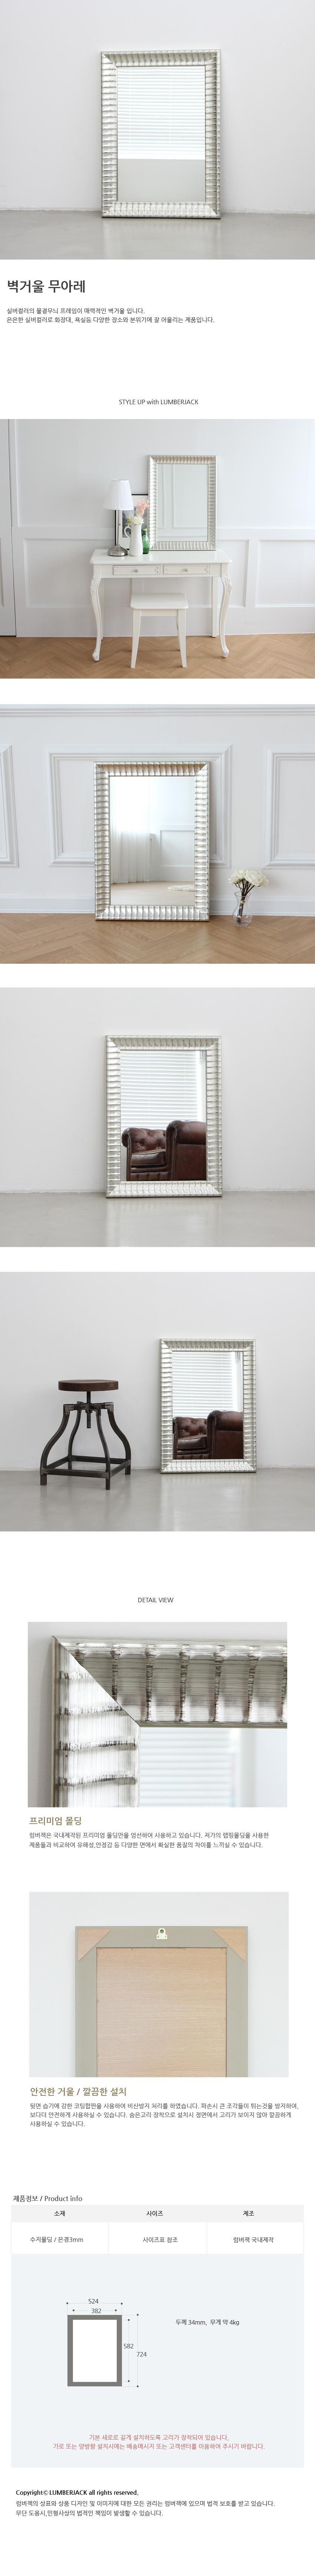 무아레 벽거울 511S-524X724 - 럼버잭, 31,200원, 거울, 벽걸이거울